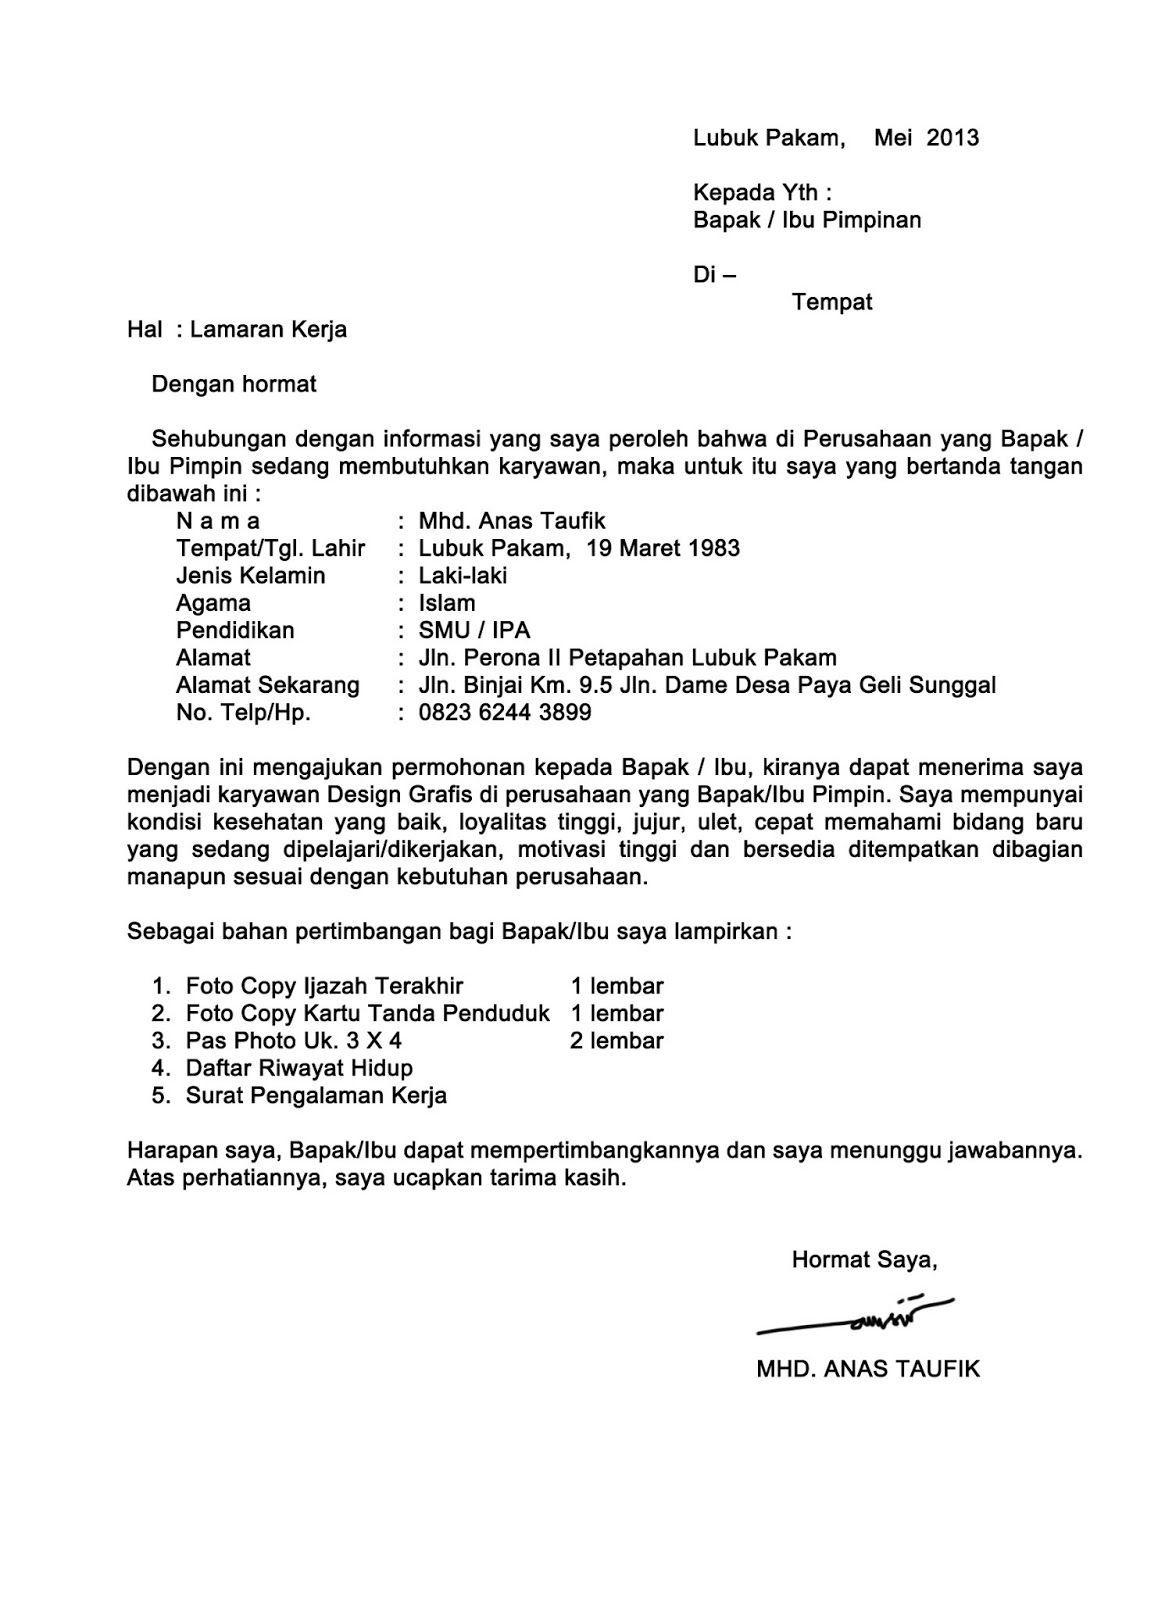 Kumpulan Contoh Surat Lamaran Kerja Ben Jobs Surat Cv